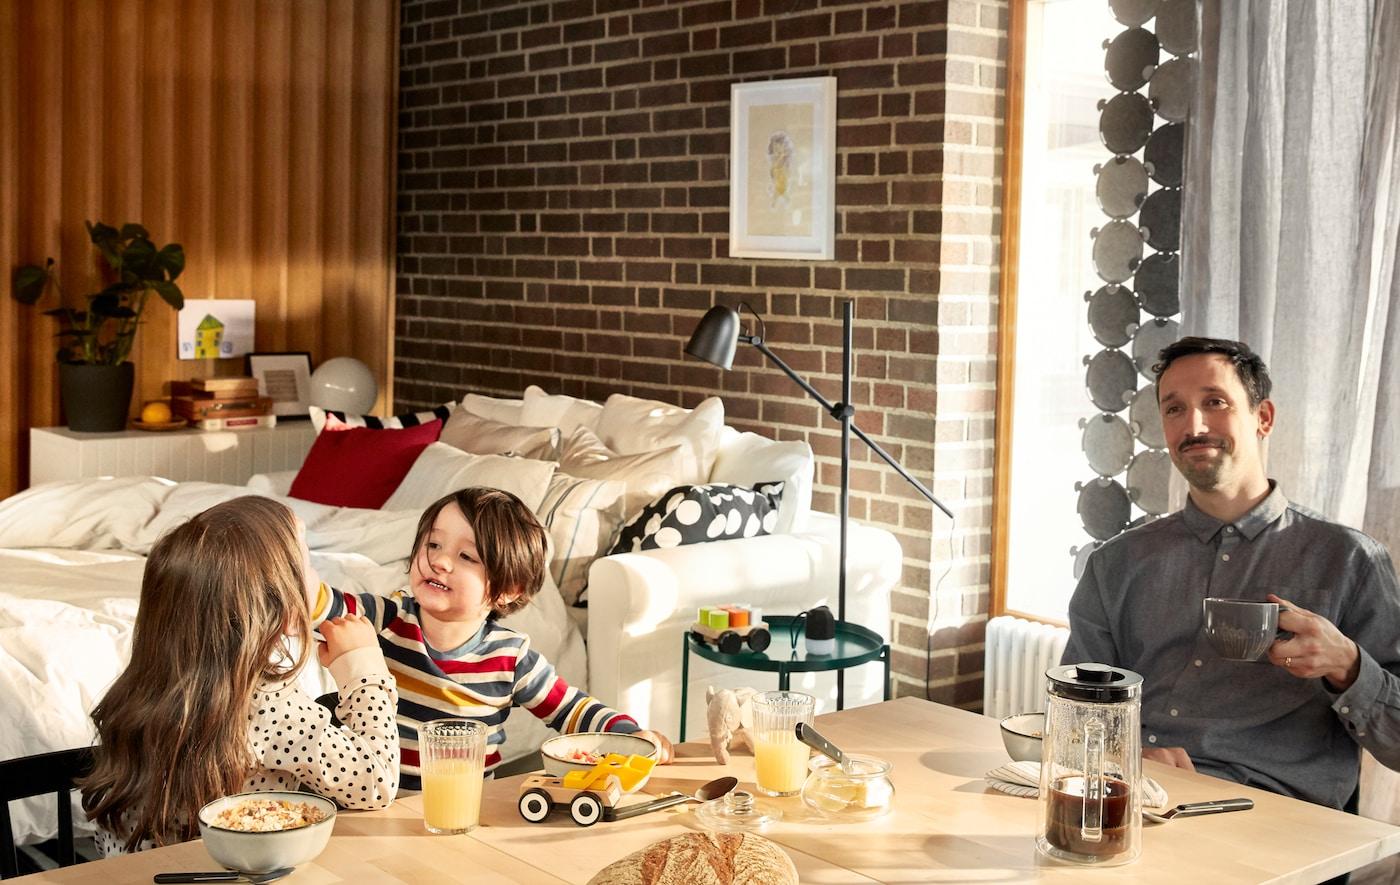 Un père prend son petit déjeuner, installé à table; il a le visage serein, tandis que ses enfants jouent avec de la nourriture à côté de lui.